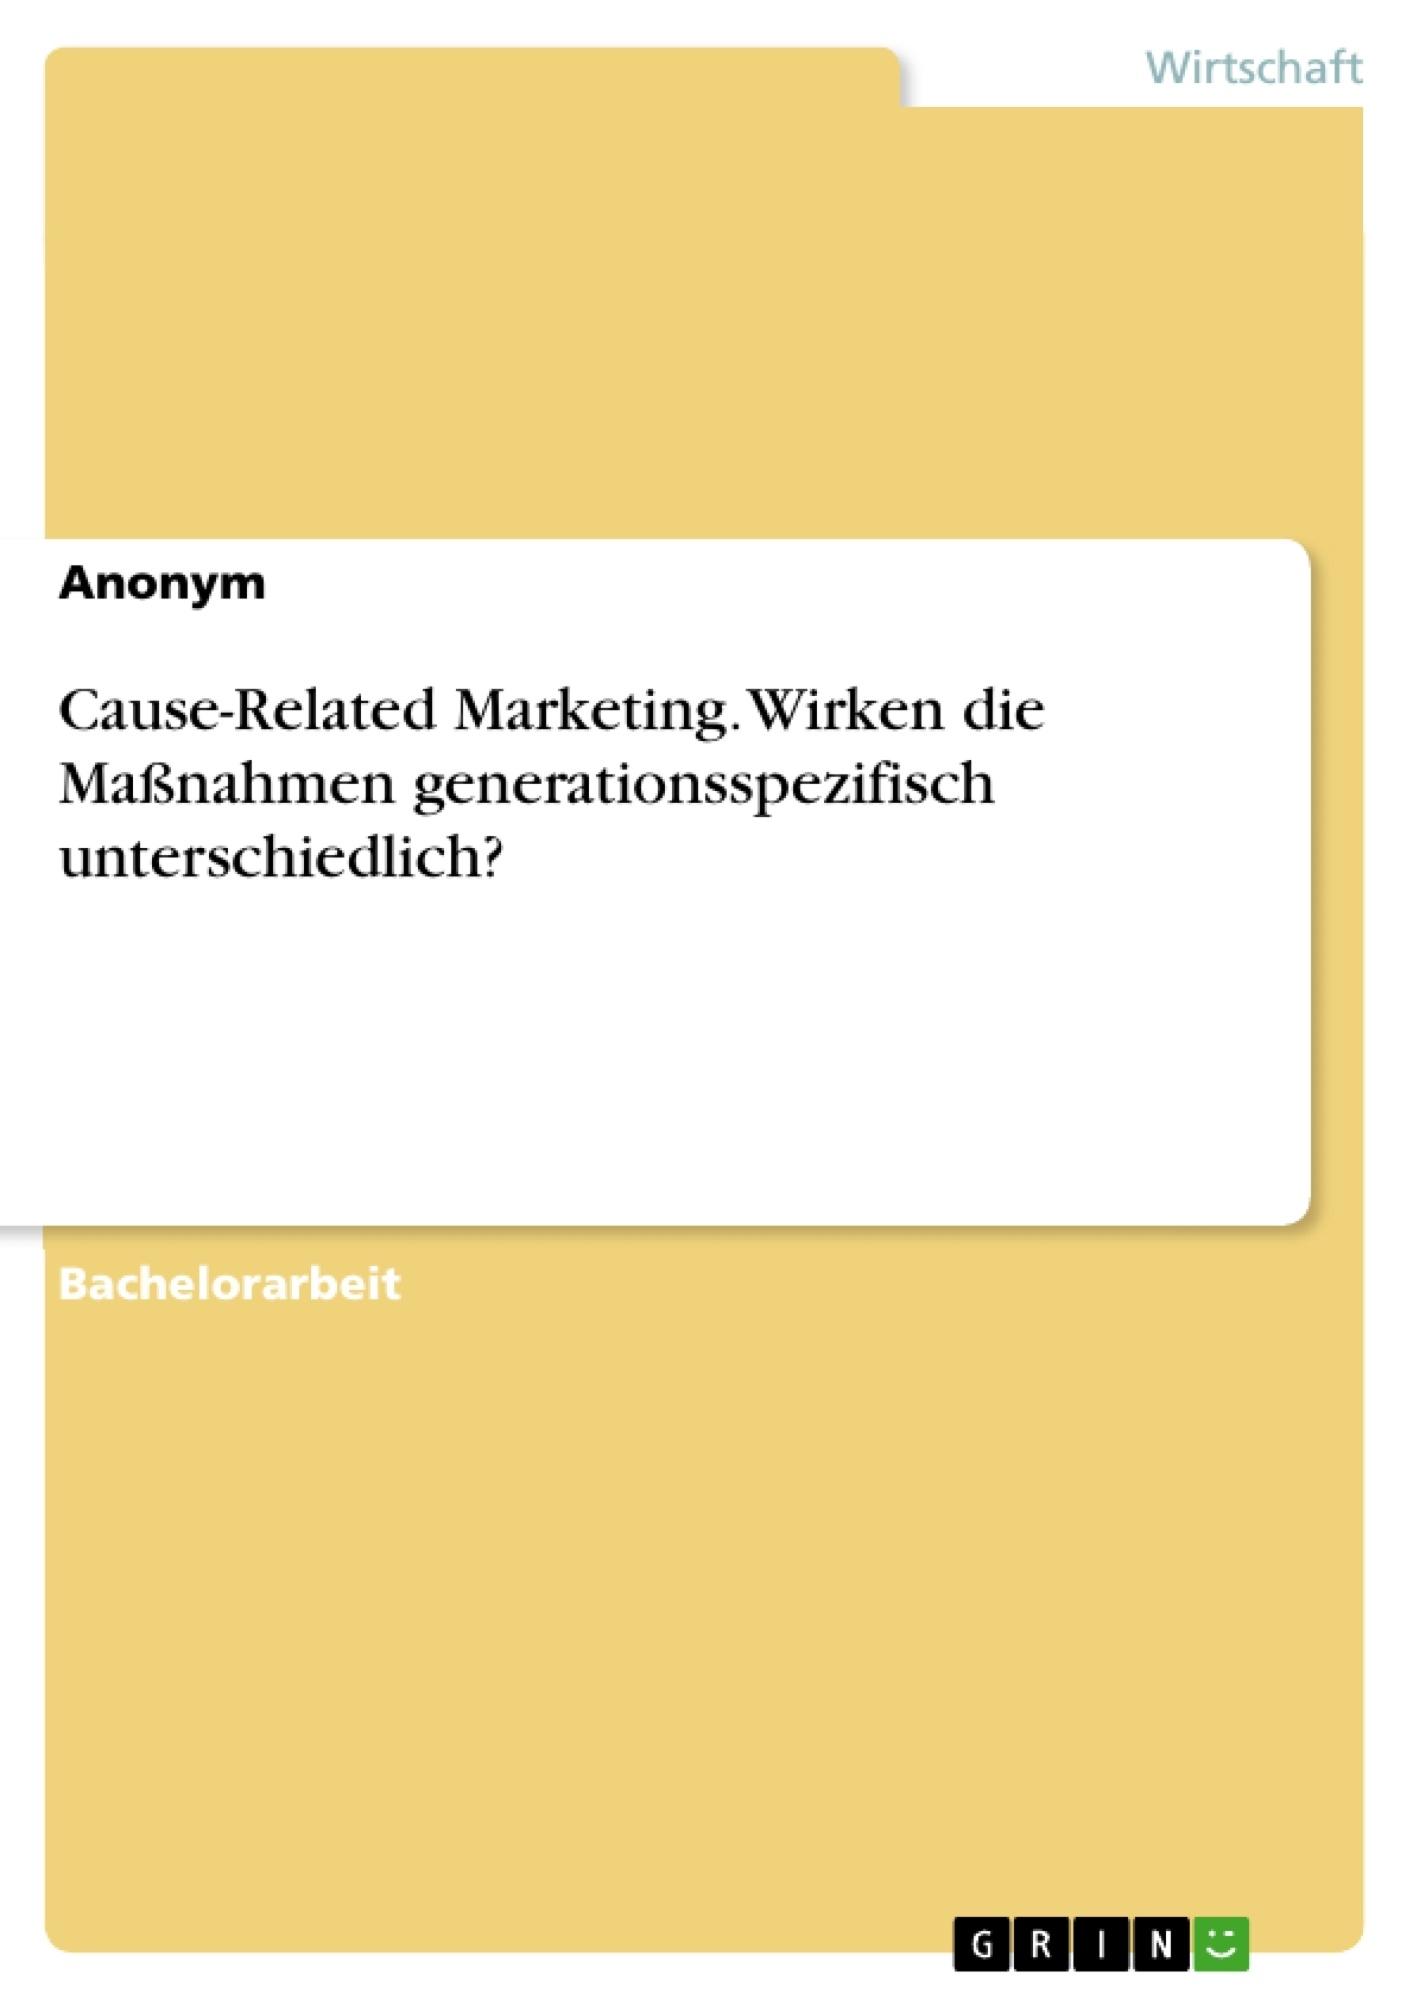 Titel: Cause-Related Marketing. Wirken die Maßnahmen generationsspezifisch unterschiedlich?